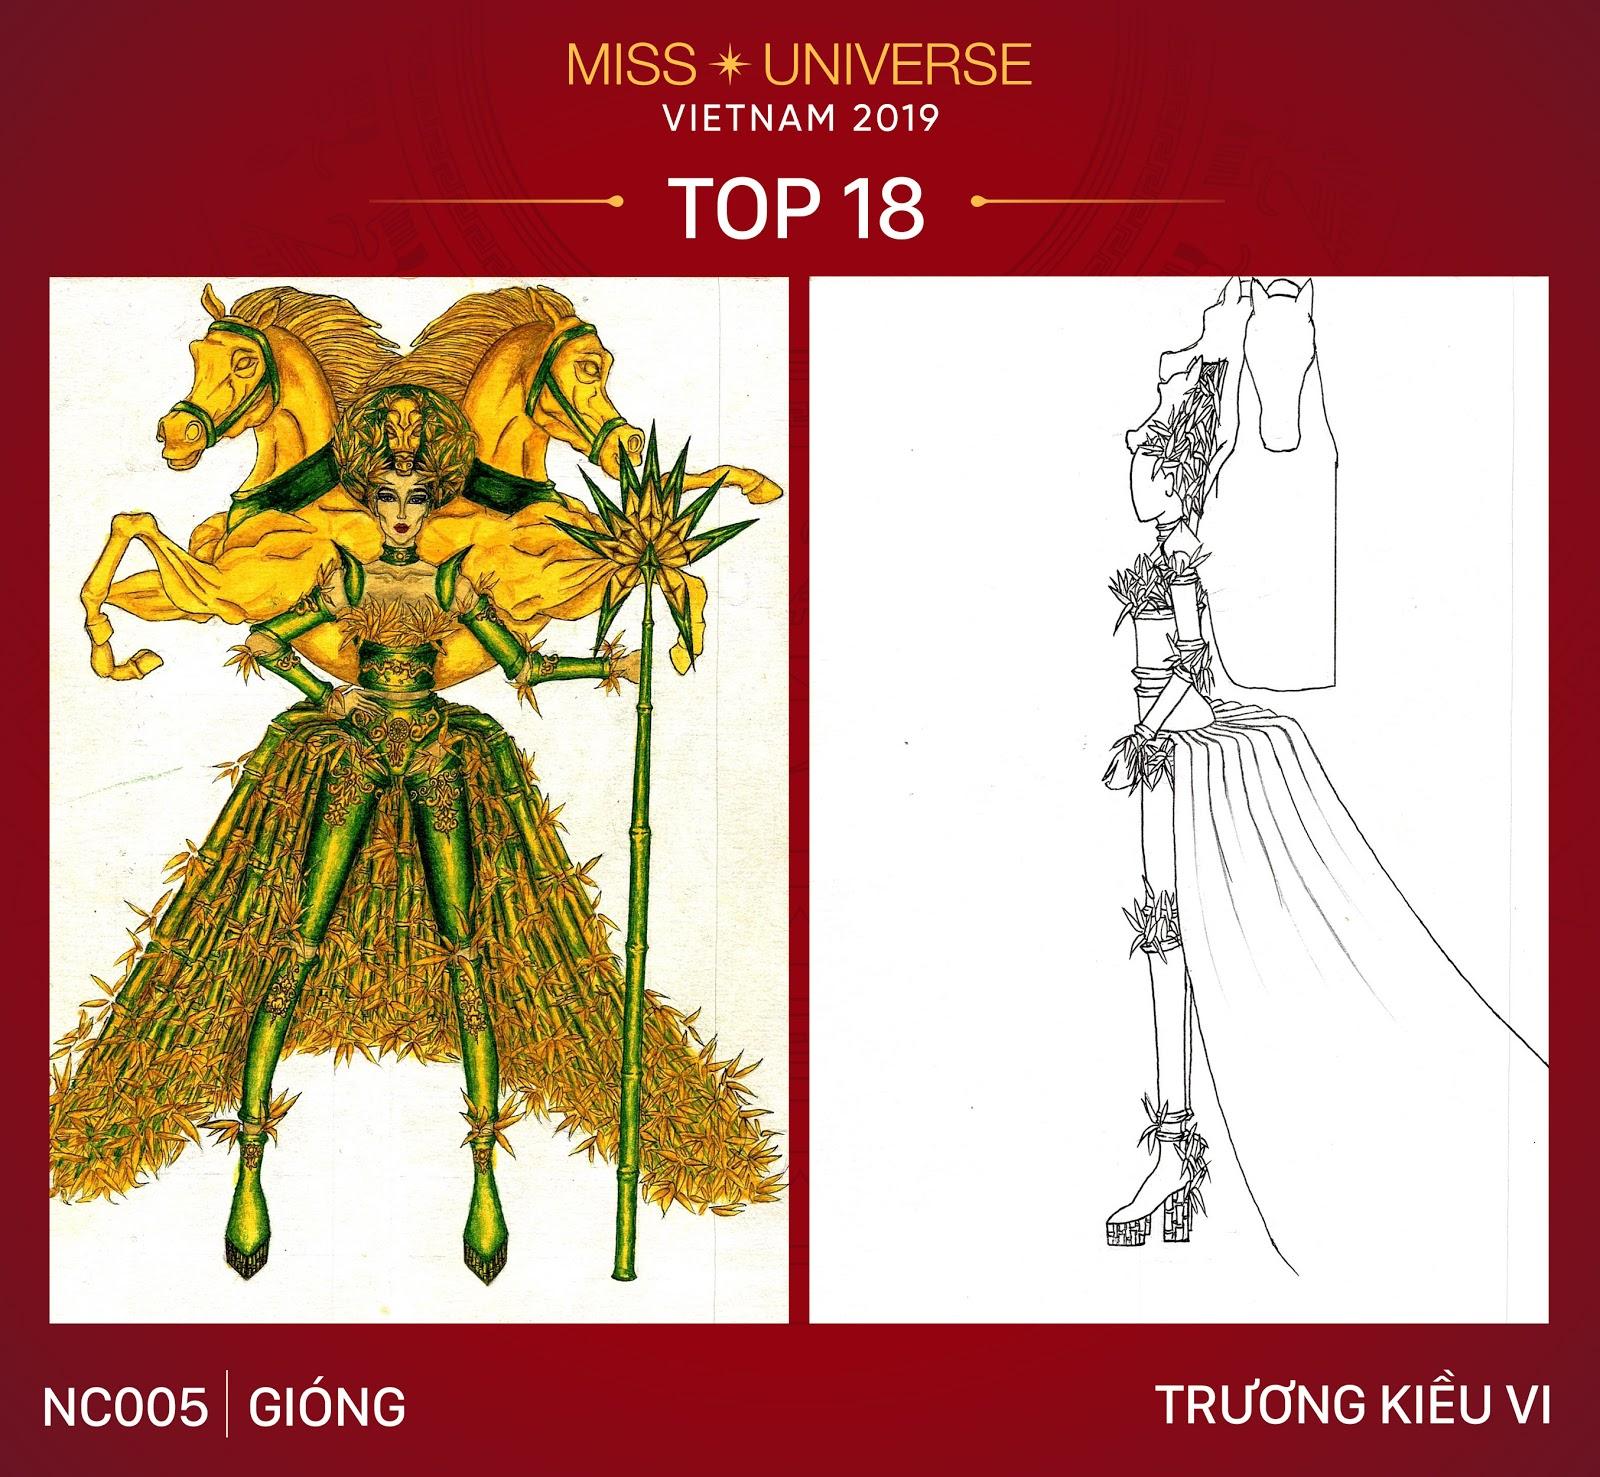 Công bố Top 18 trang phục dân tộc cho Hoàng Thùy tại Miss Universe 2019 - Hình 3